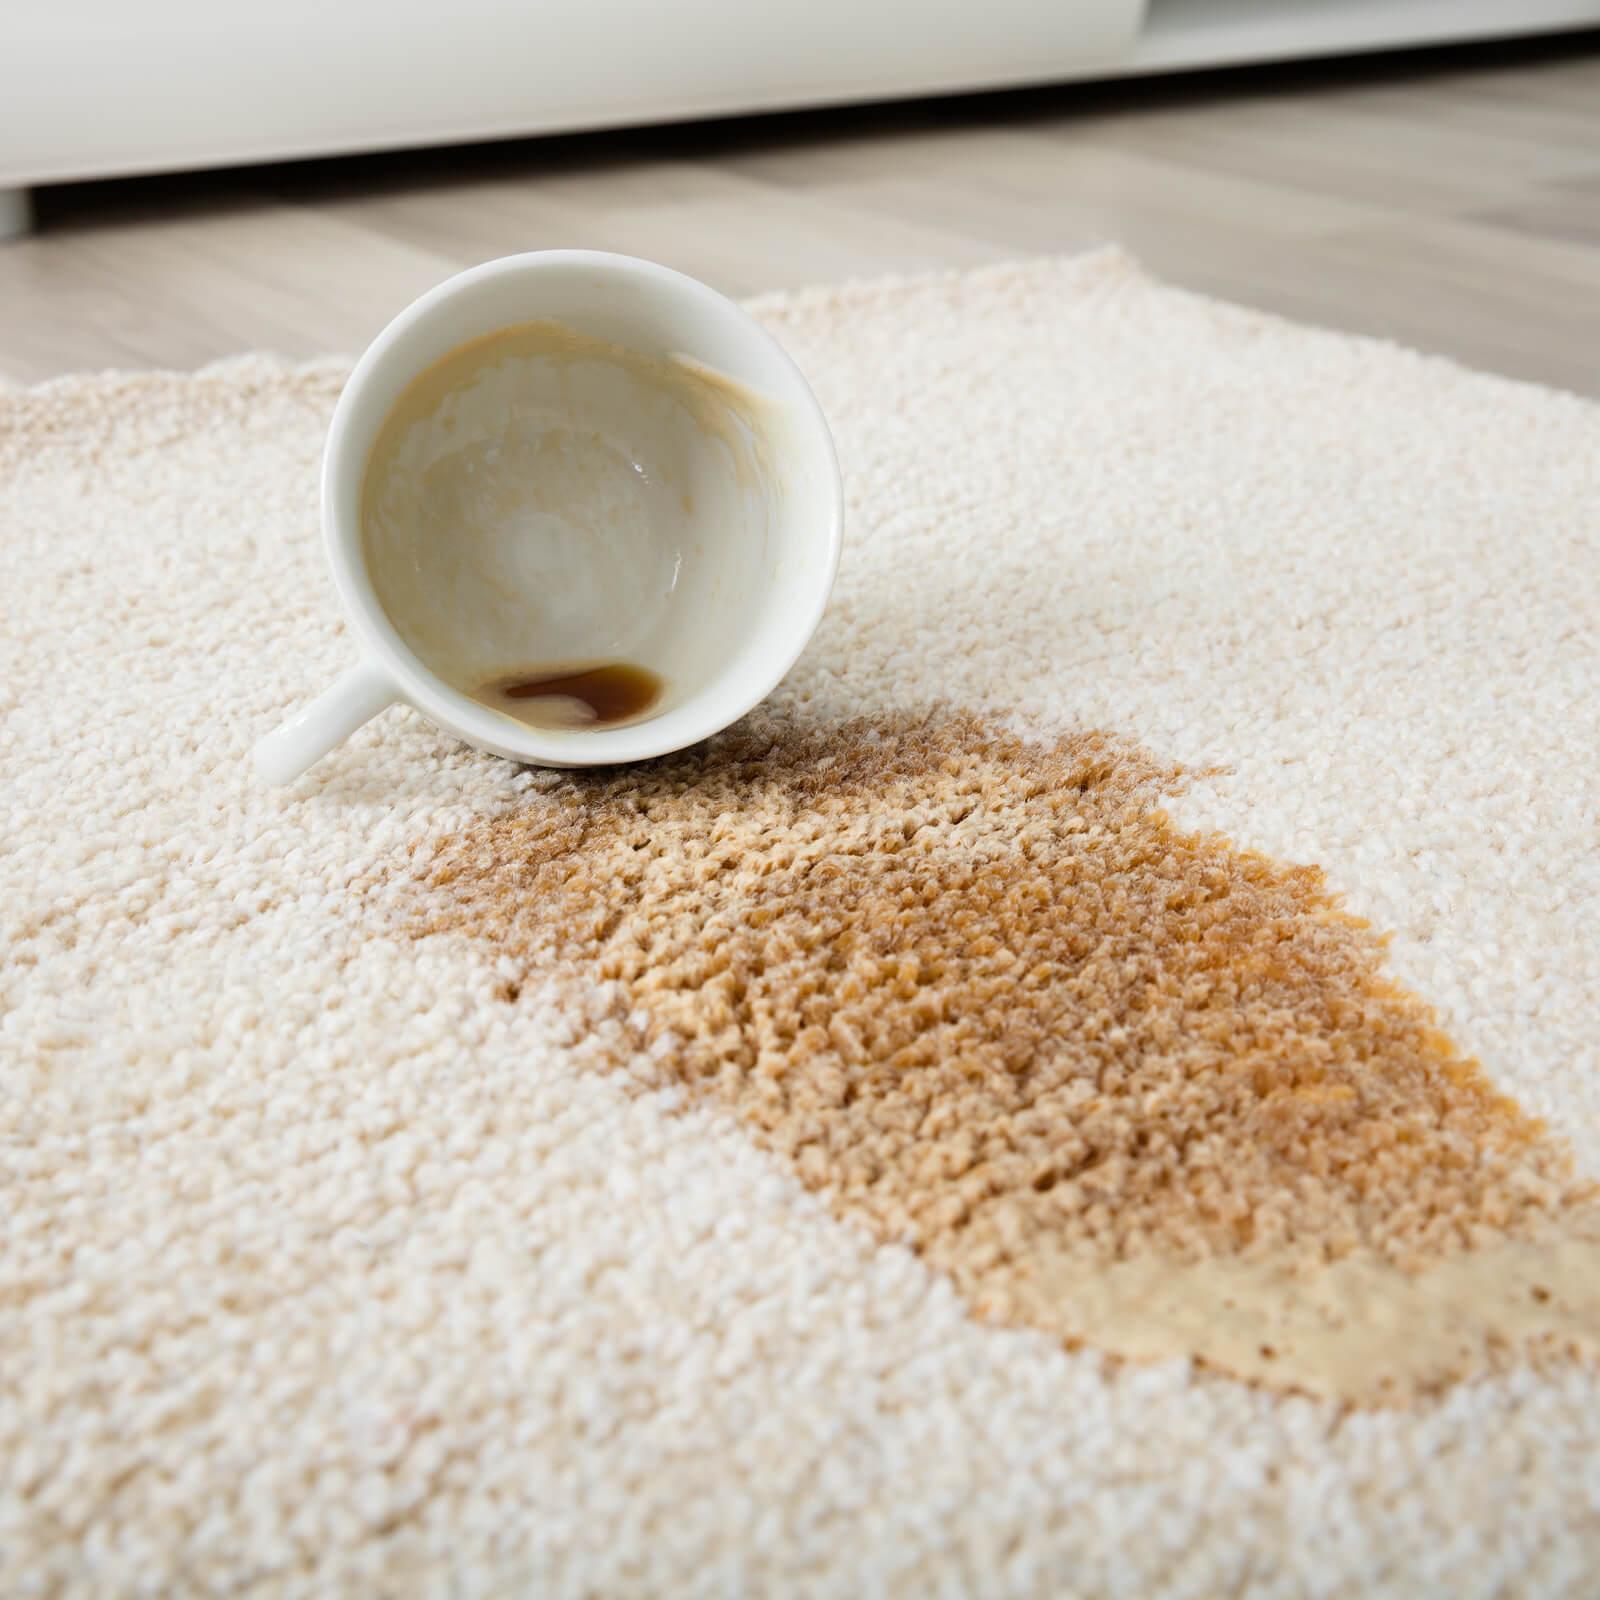 Coffee spill on area rug | Everlast Floors